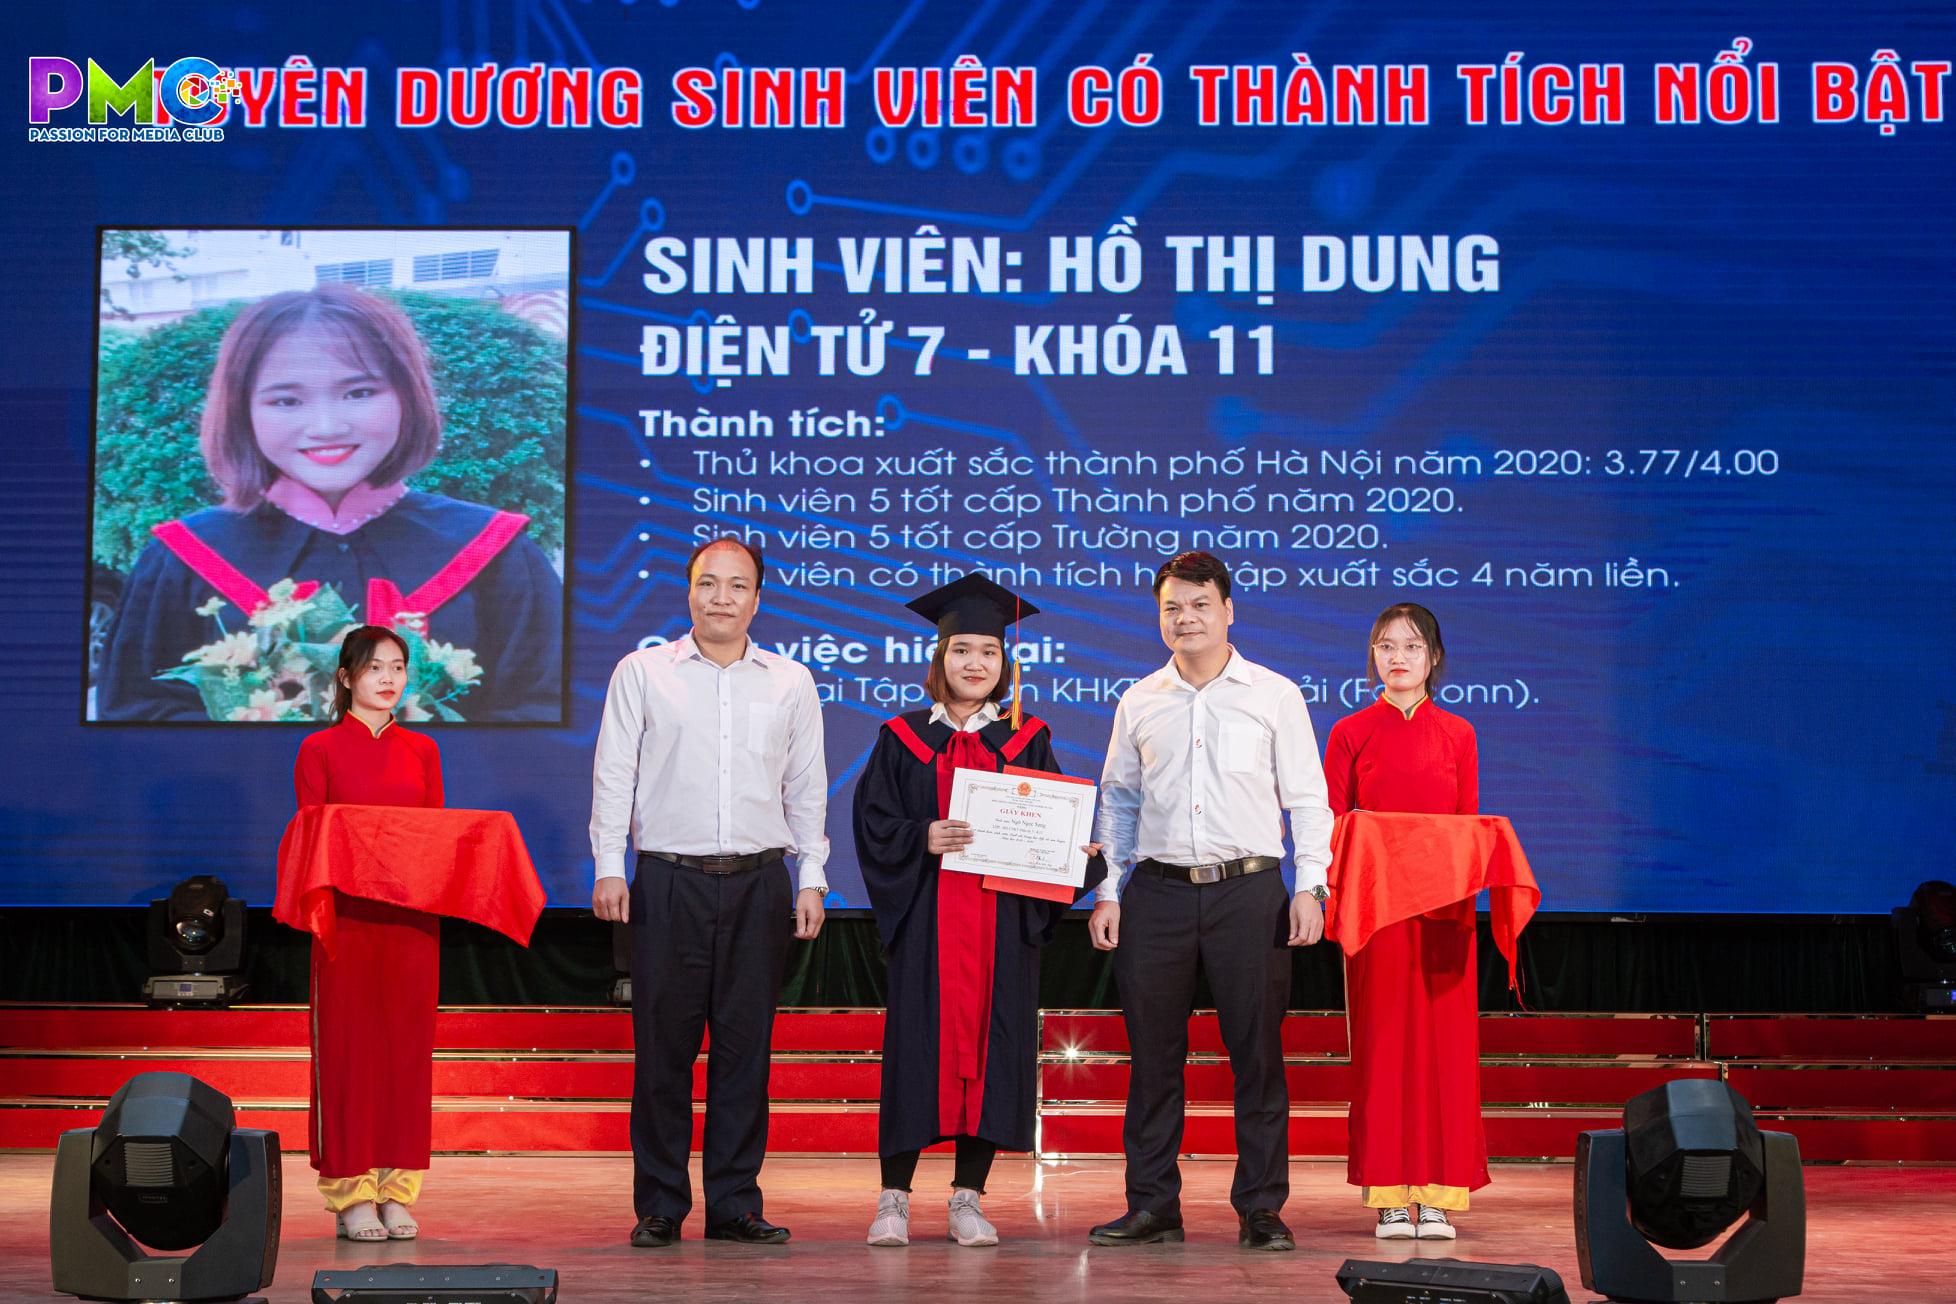 Lễ bế giảng và trao bằng tốt nghiệp hệ Đại học chính qui khóa 11